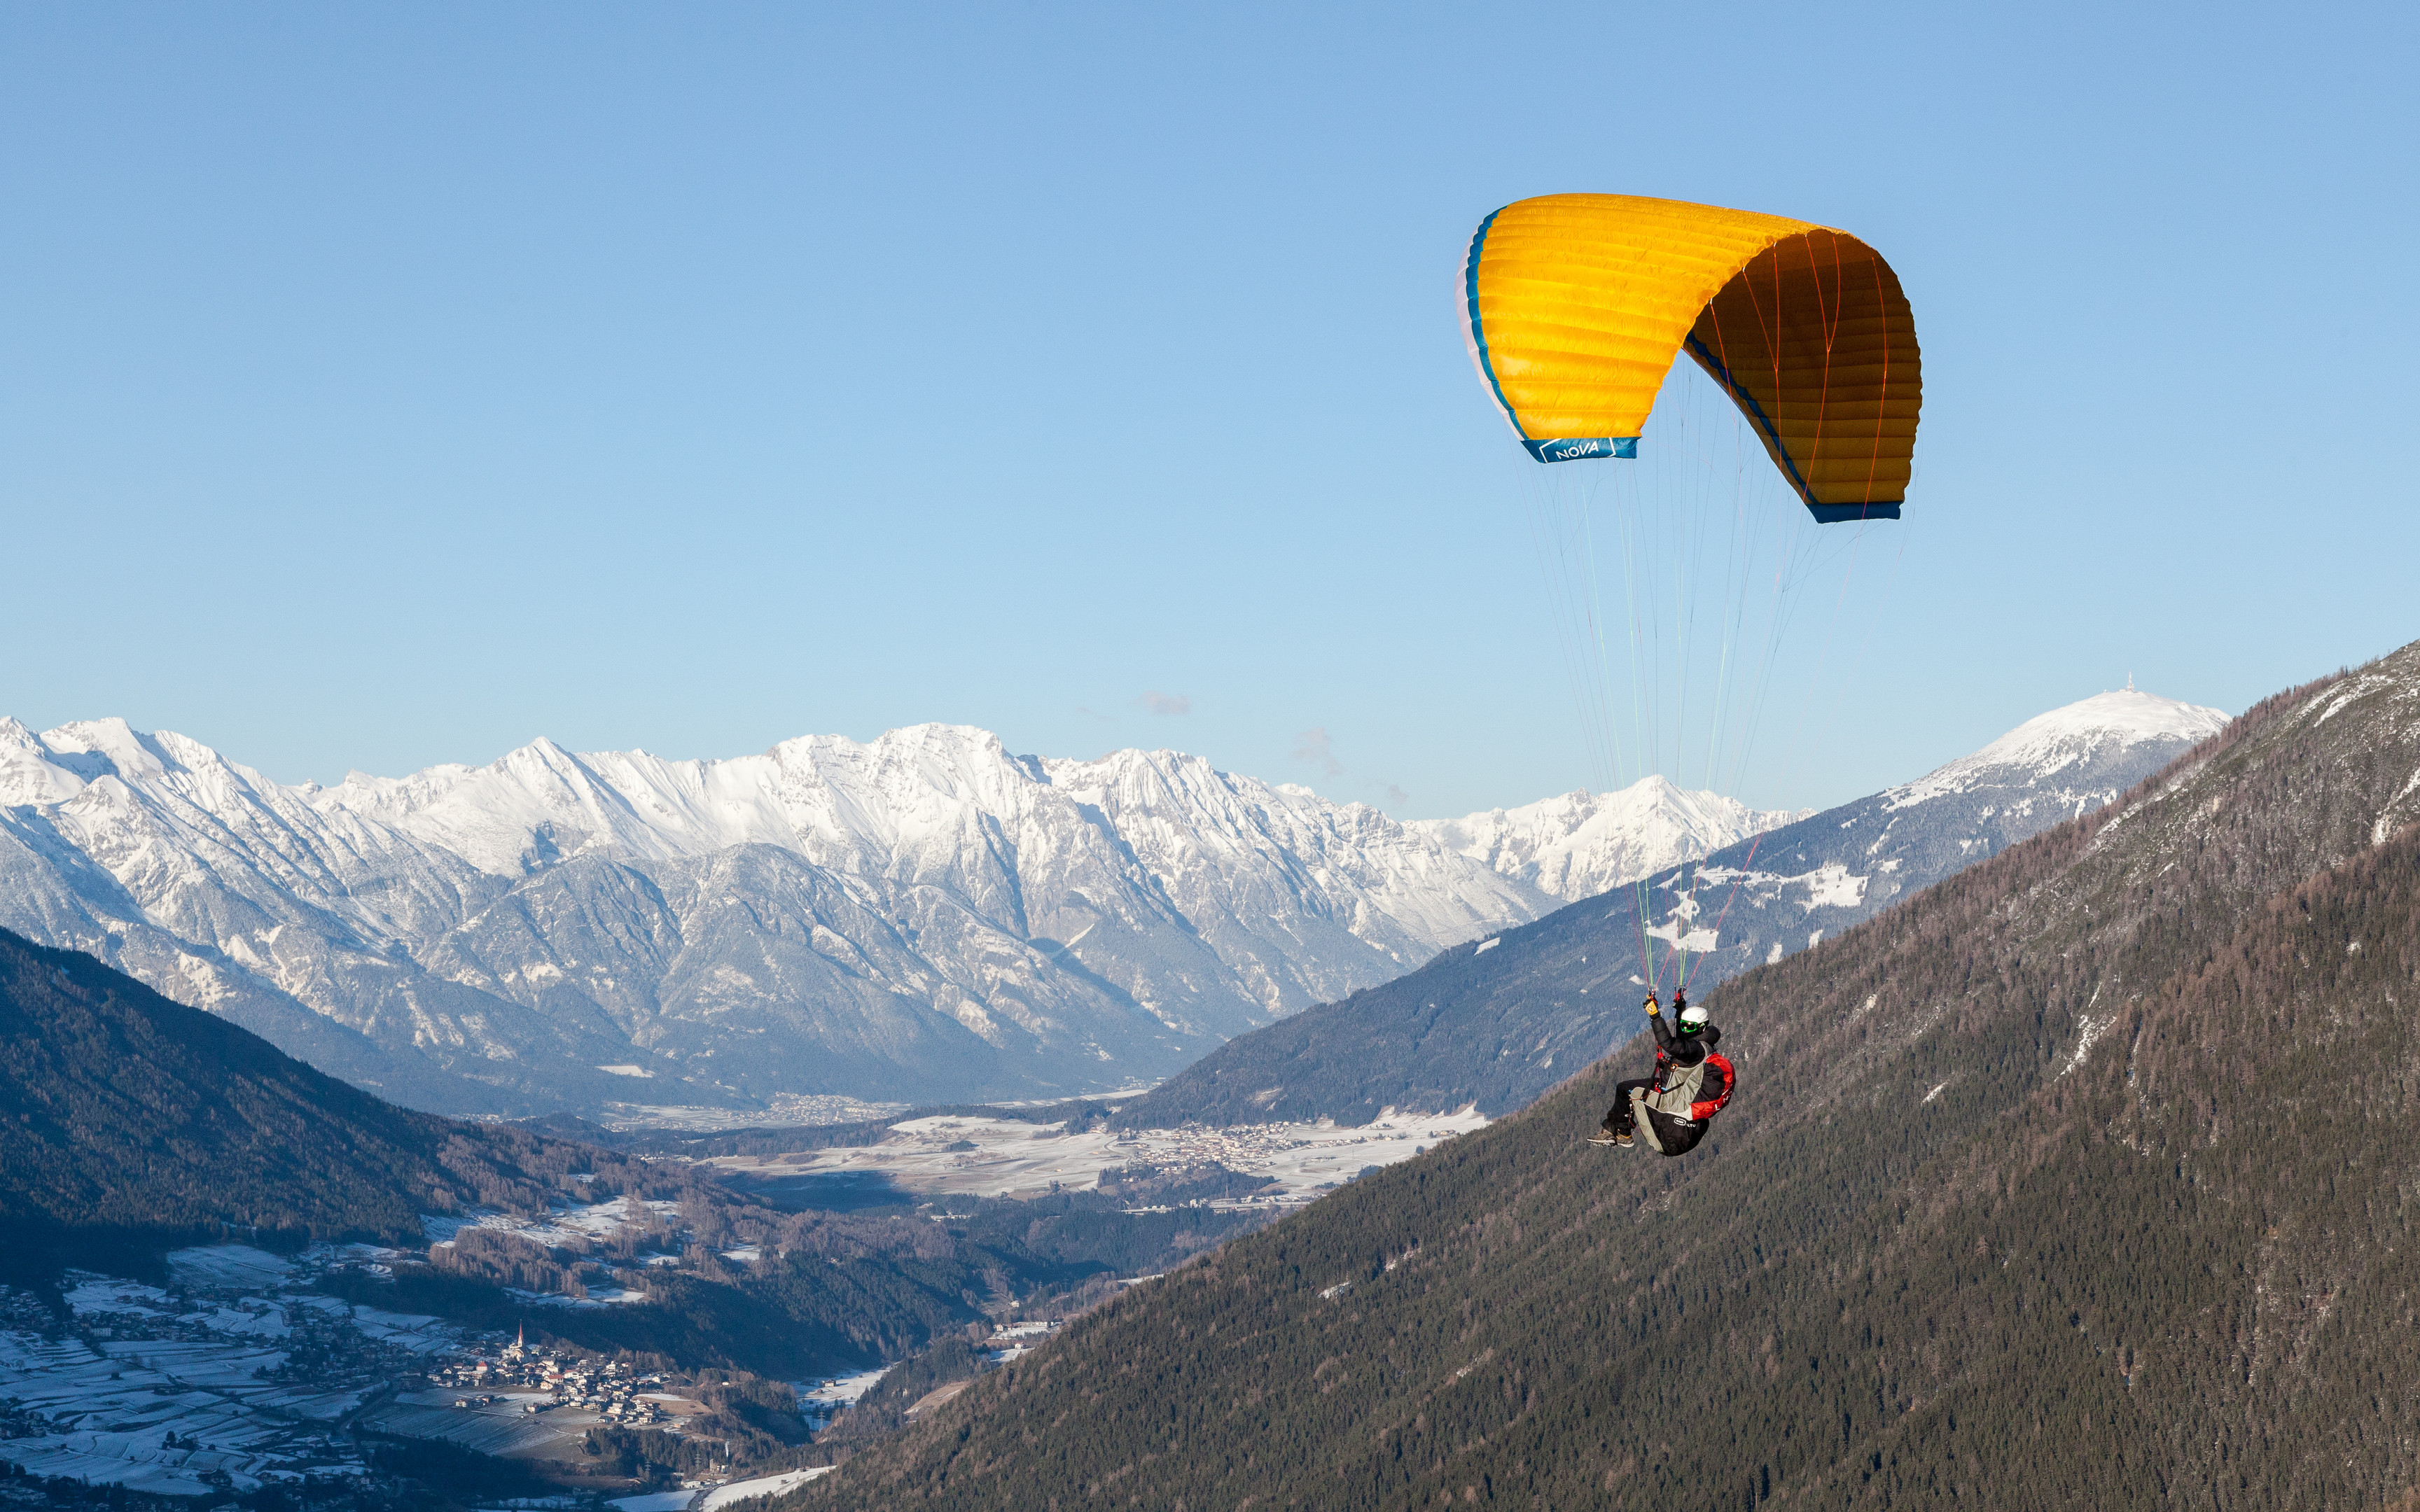 Nova performance paragliders prion 3 for Mynova